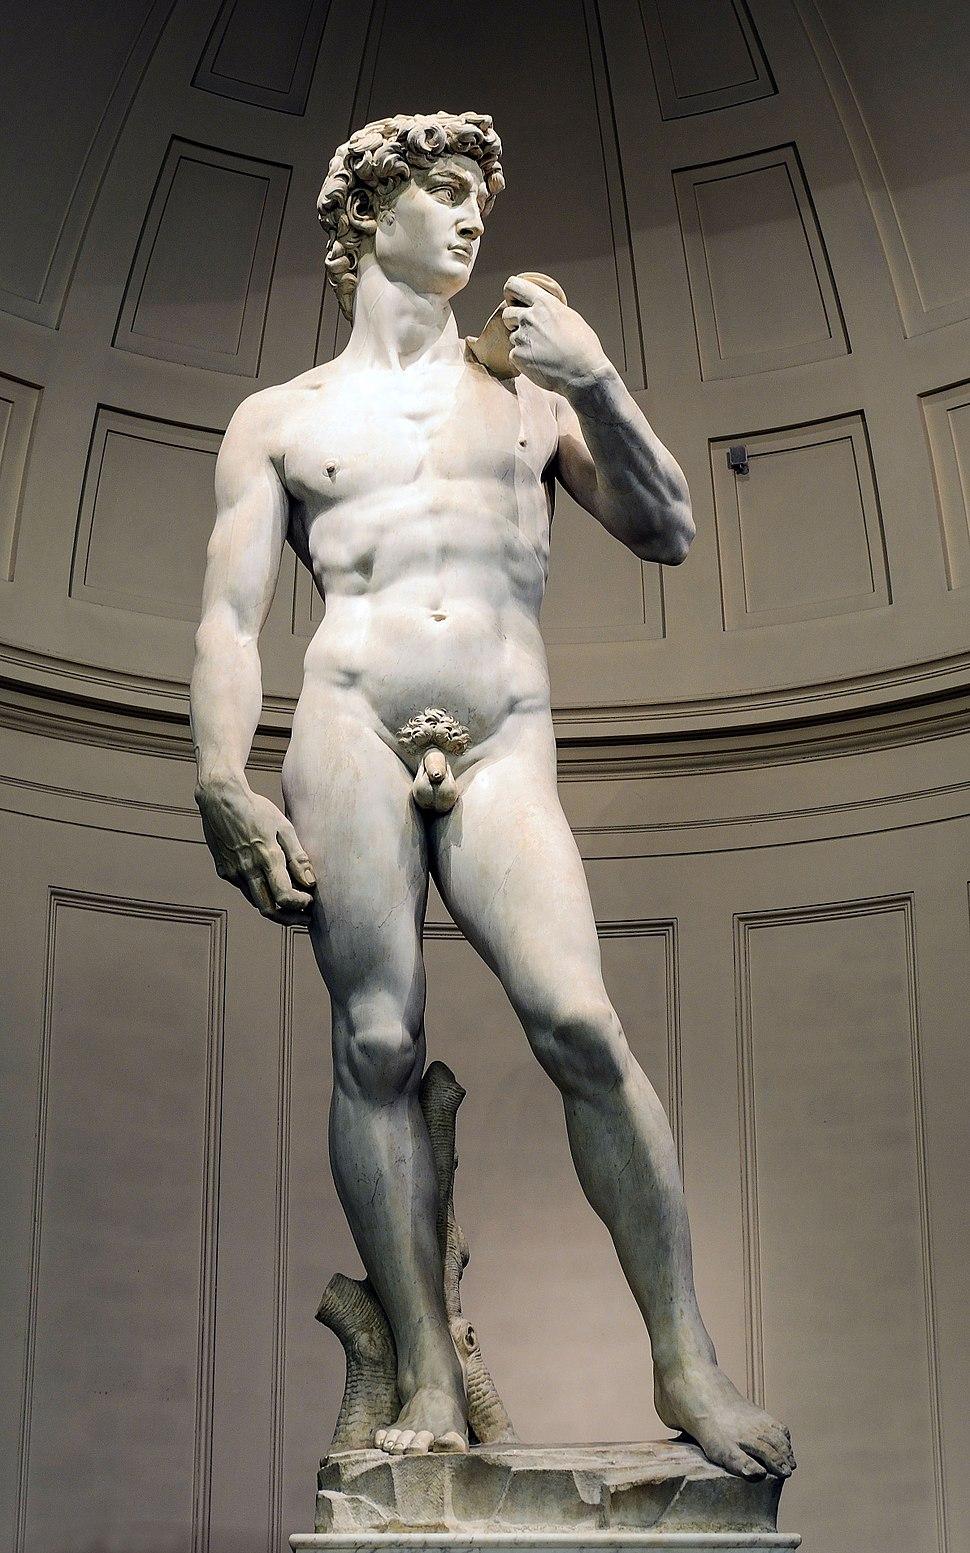 Michelangelo%27s David 2015